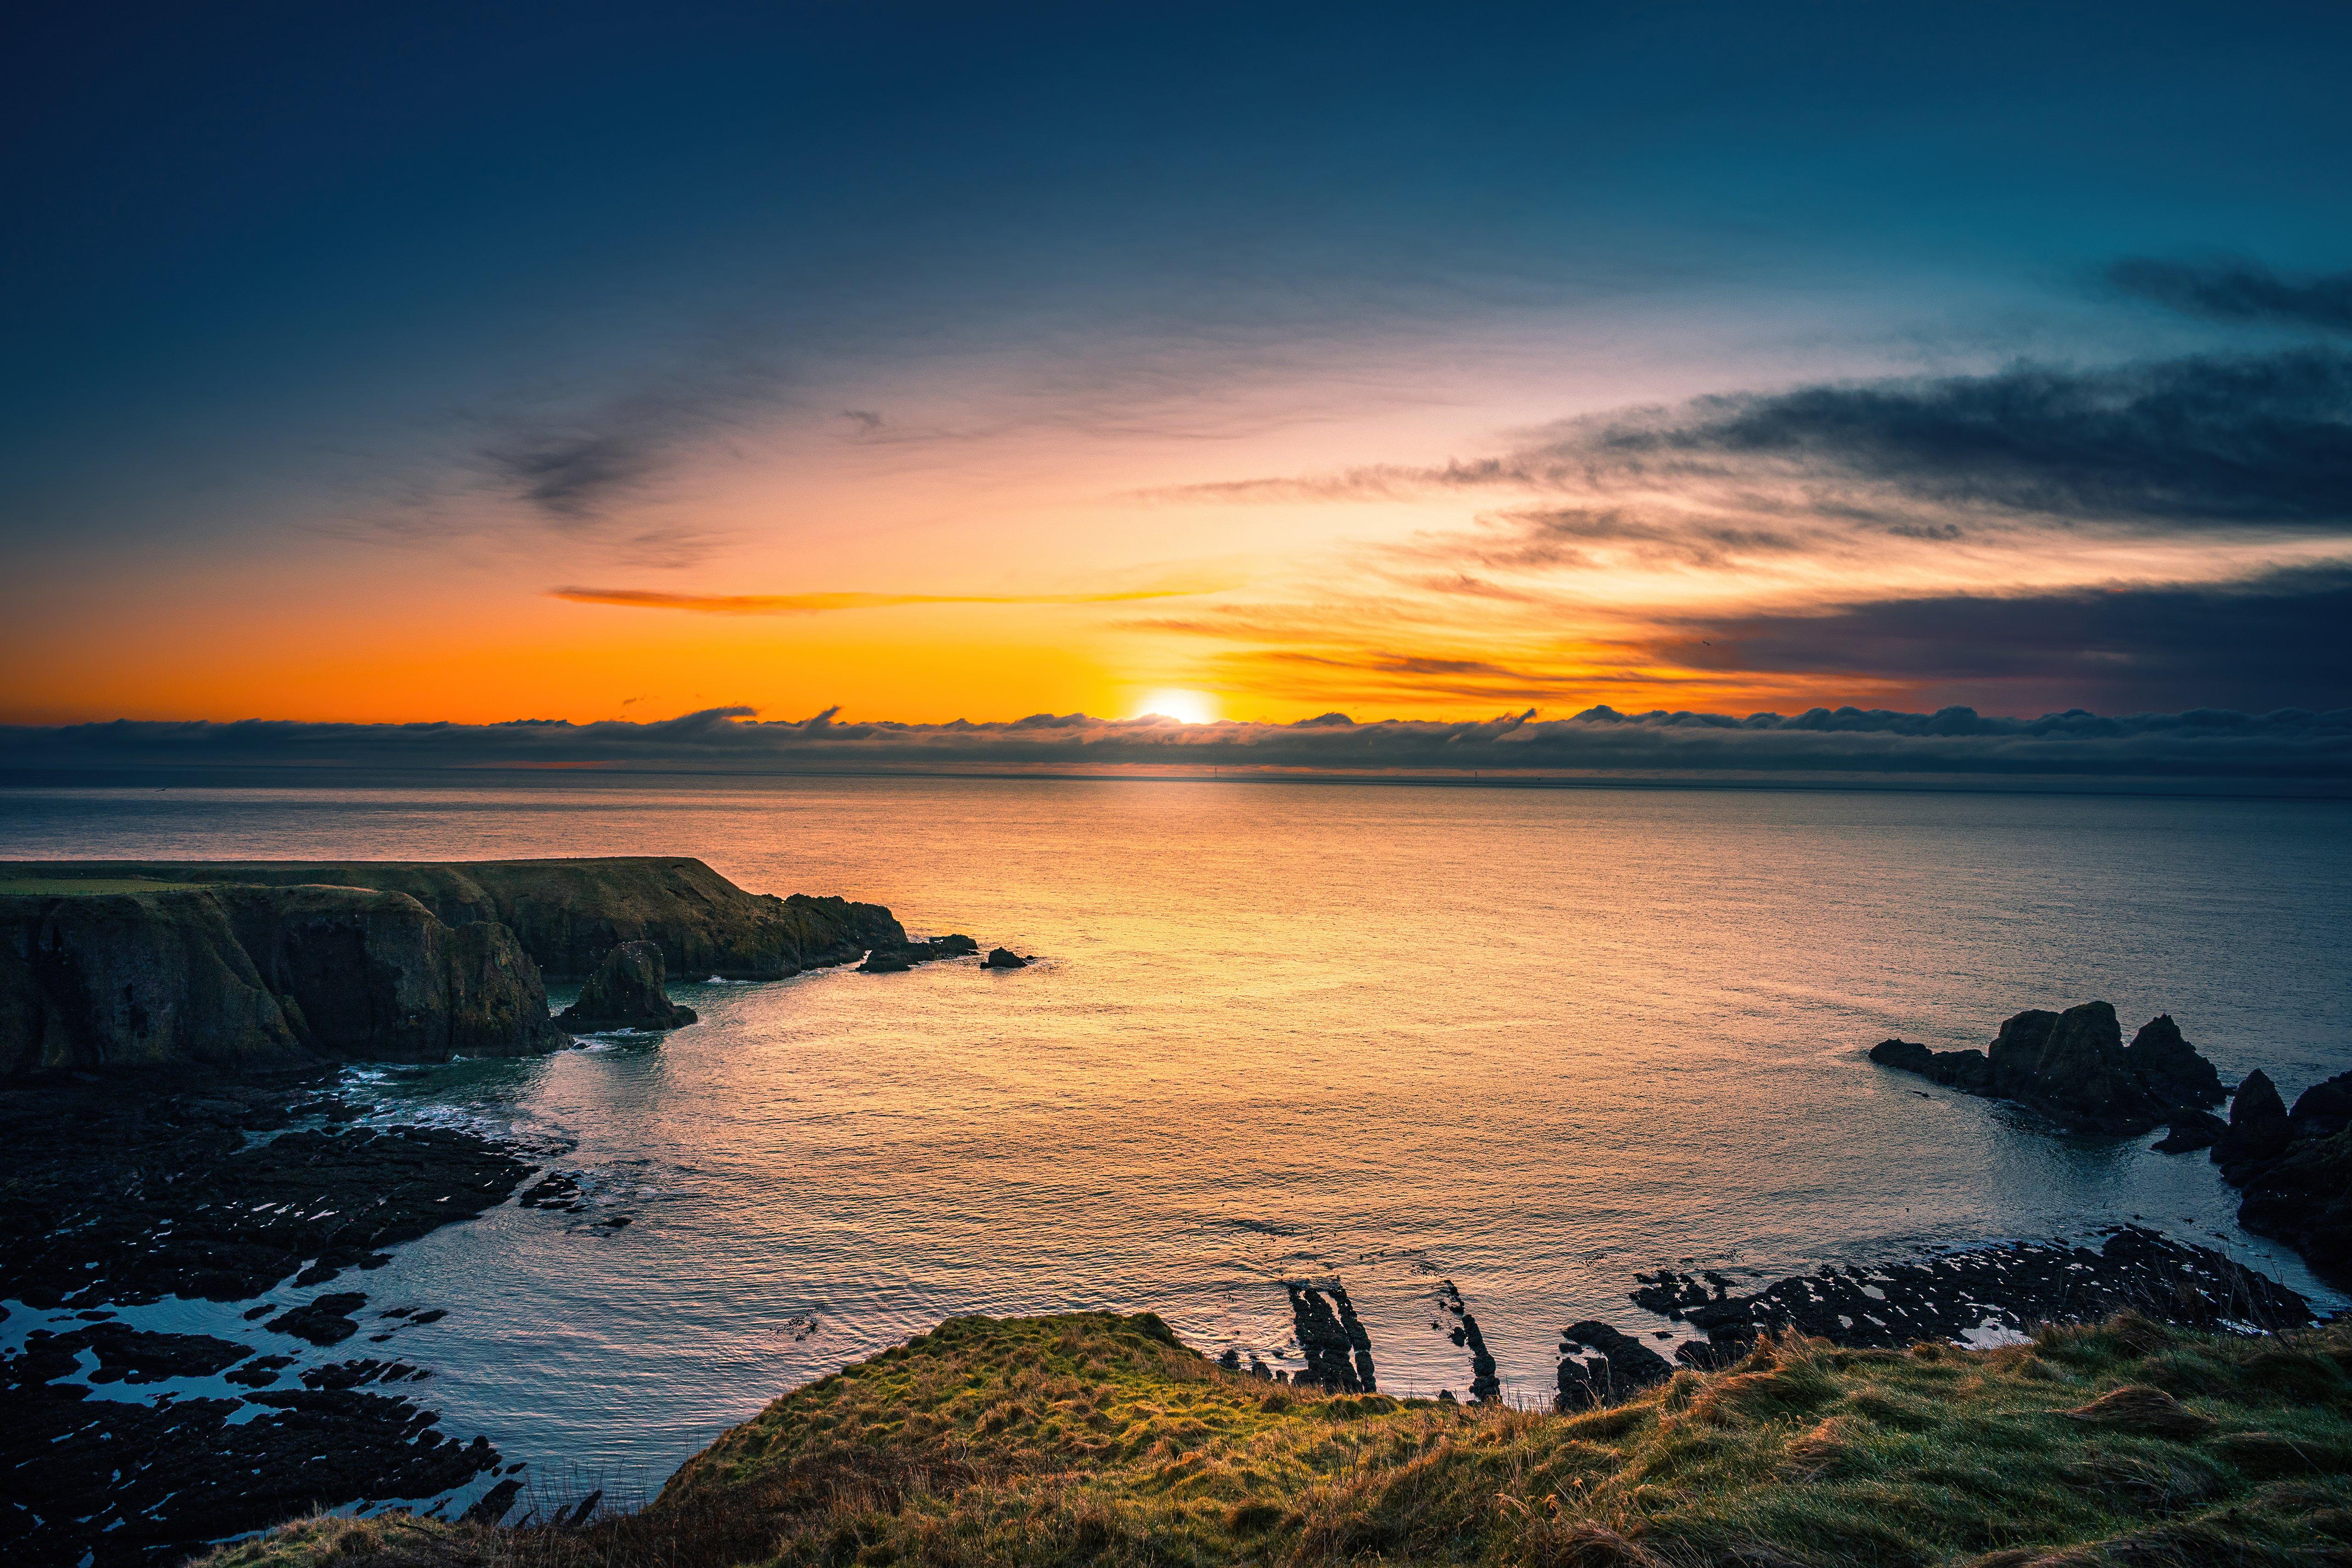 Fondos de pantalla Amanecer en Costa Aberdeen en Escocia